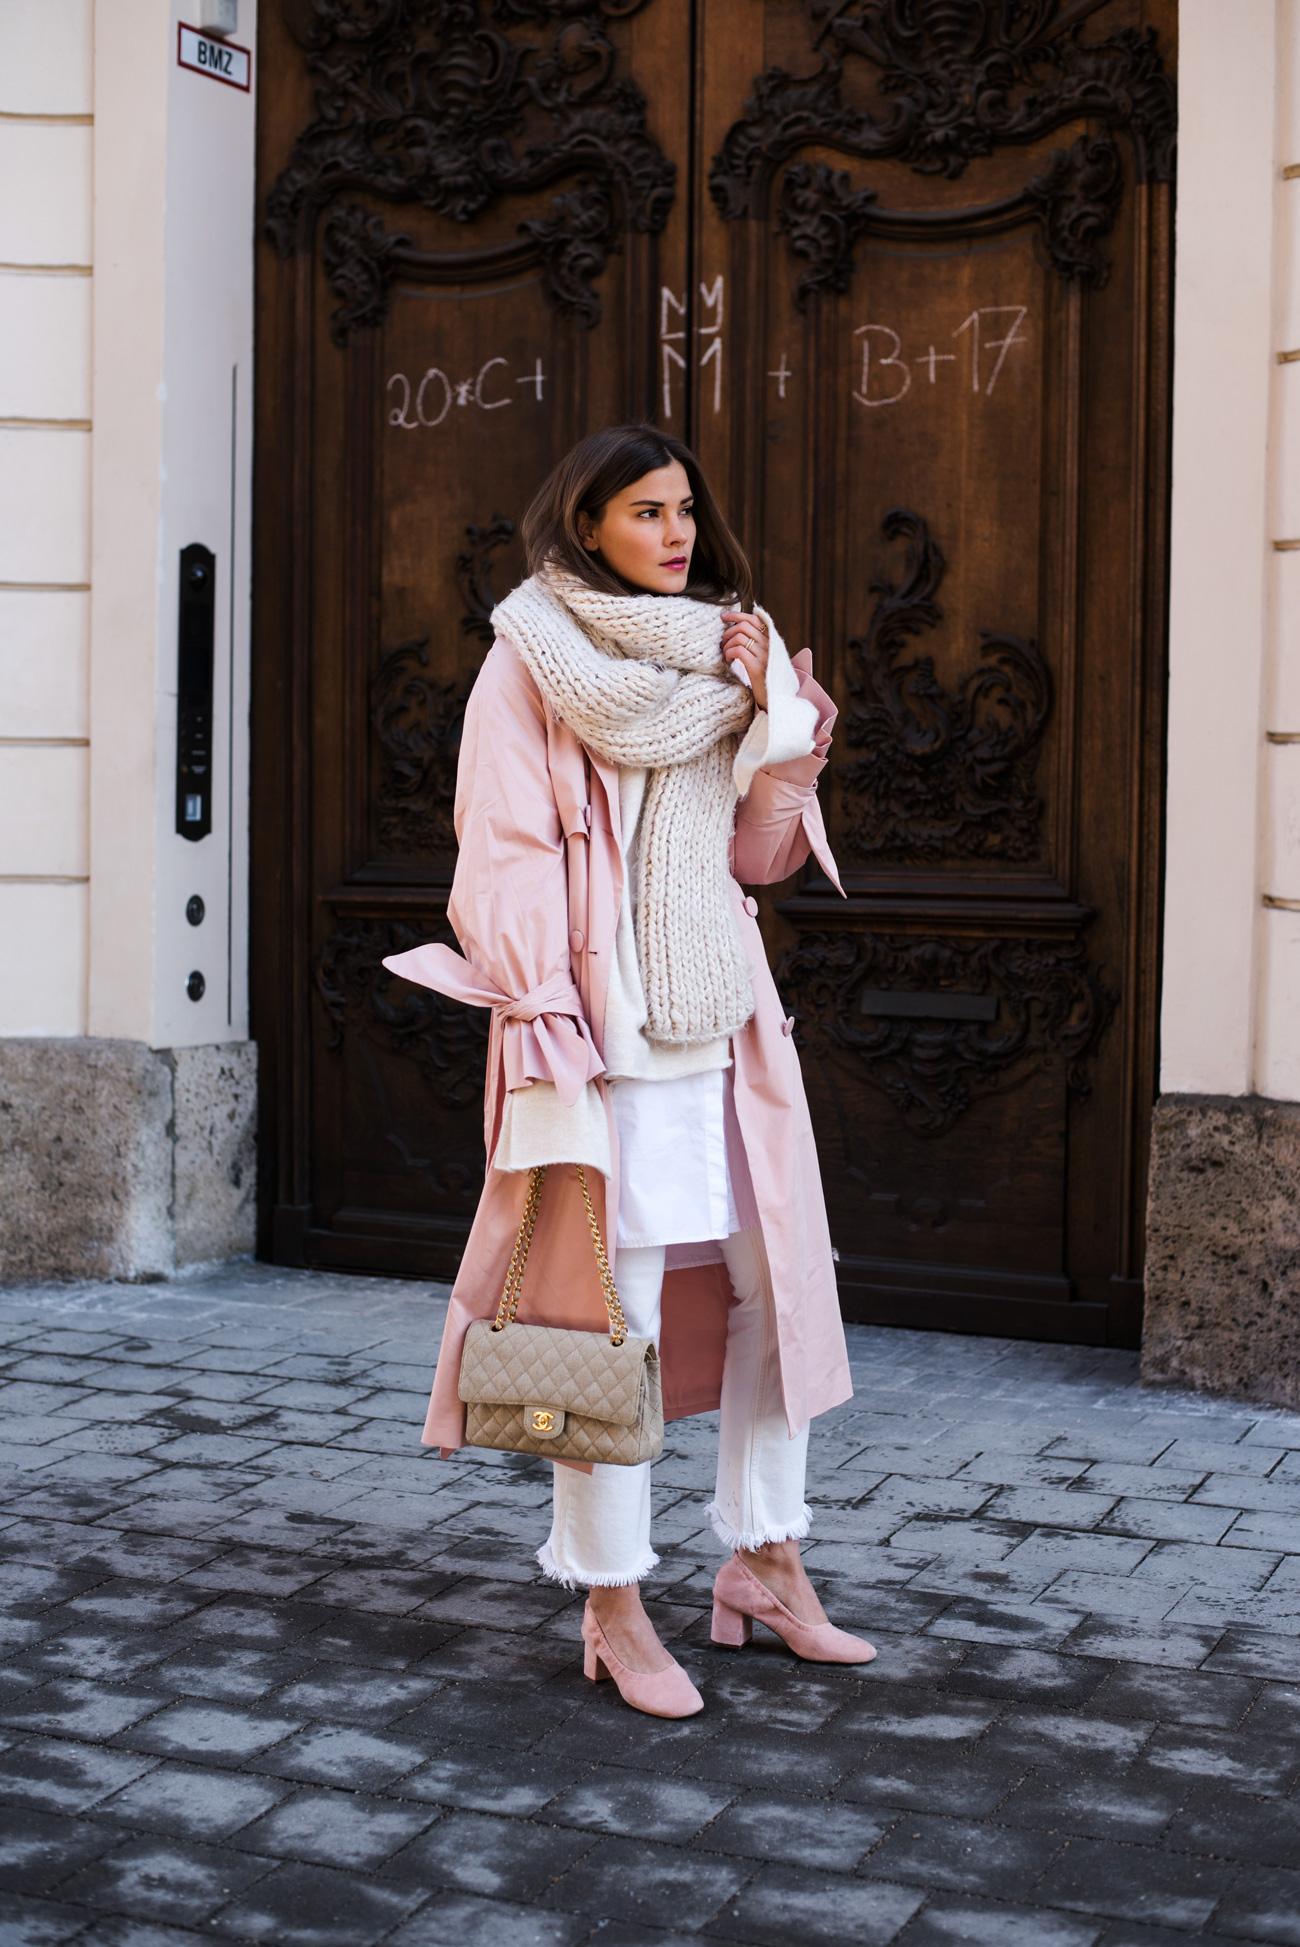 die-10-besten-fashionblogs-deutschlands-mit-guter-qualität-und-hoher-reichweite-fashiioncarpet